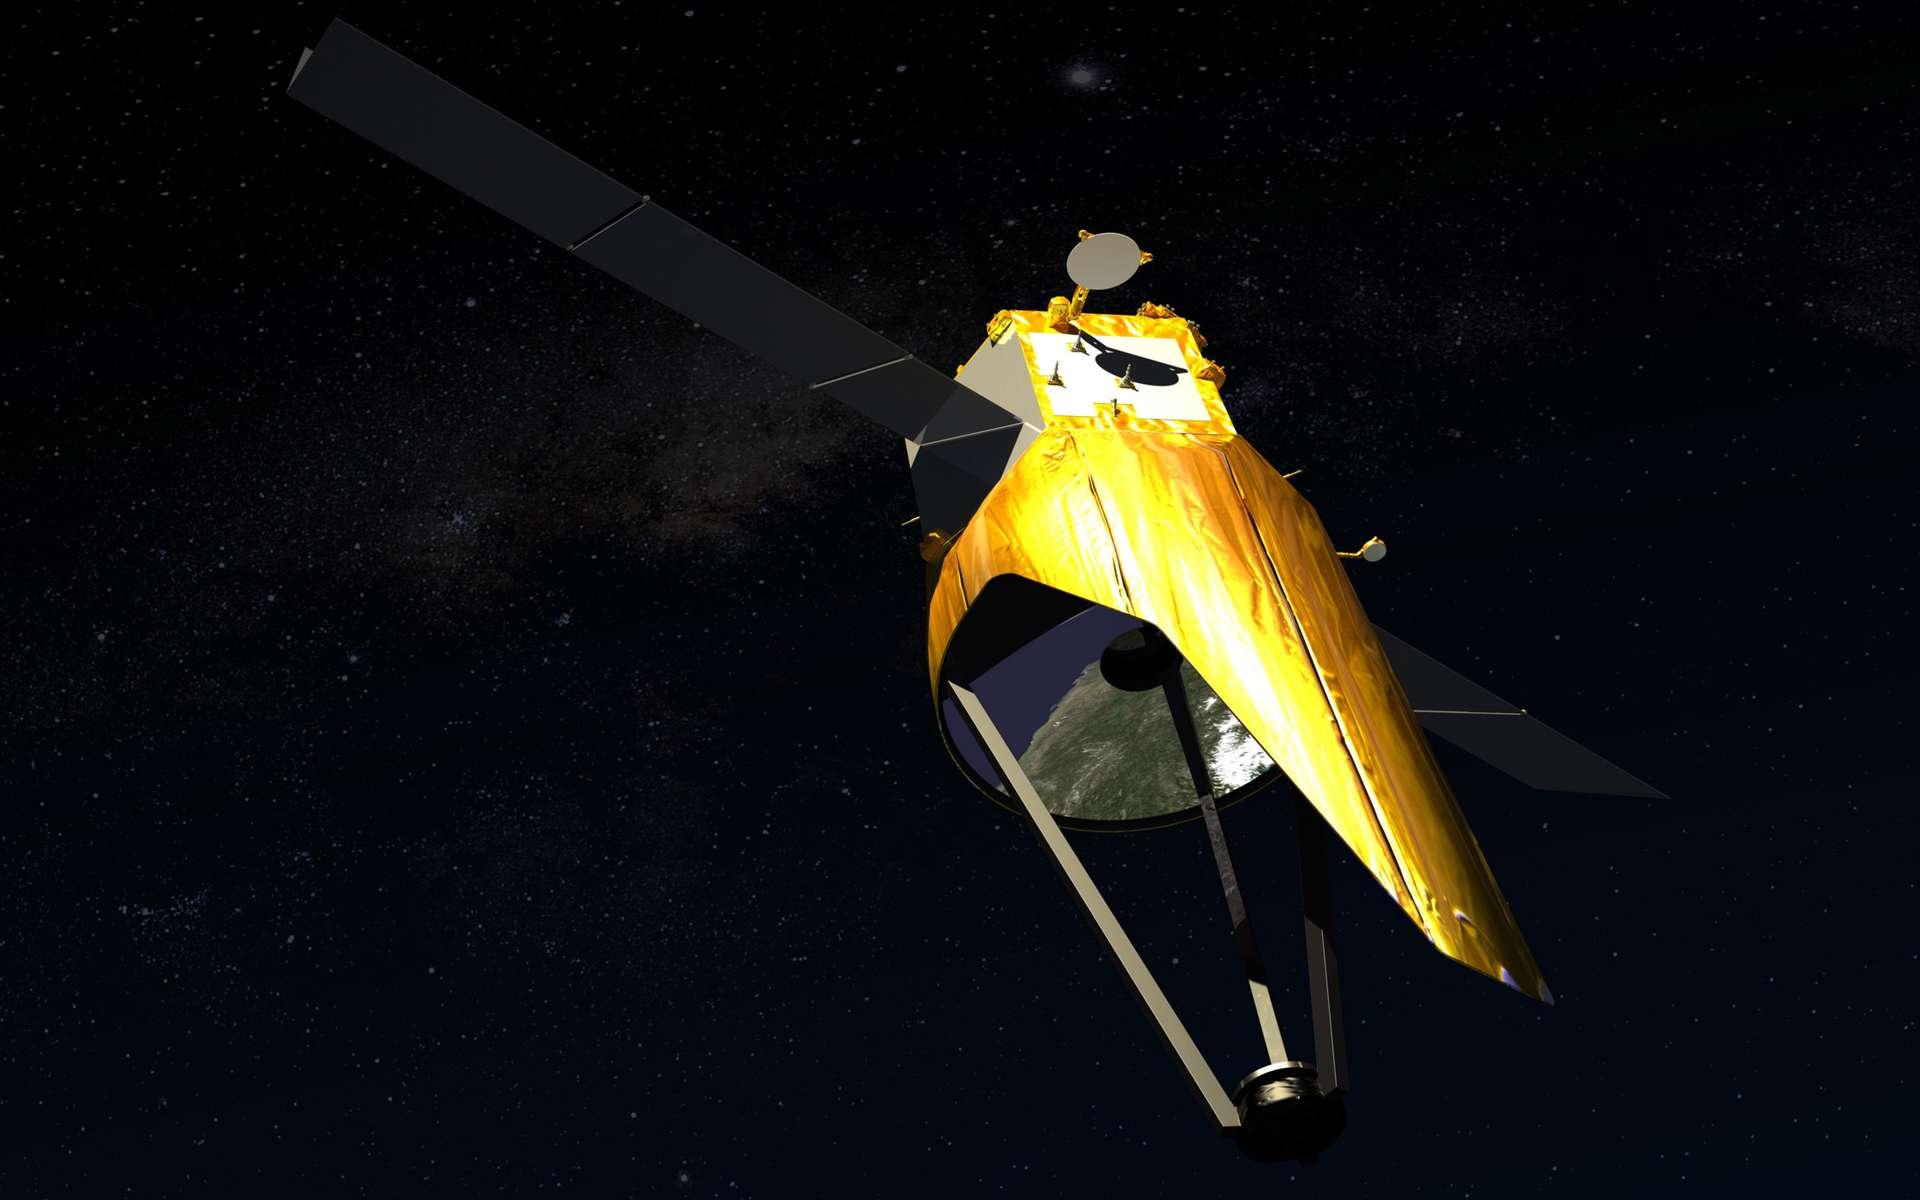 Une fois positionné sur son orbite géostationnaire, GO-3S dominera un tiers de la planète et sera capable d'observer en temps réel n'importe quel point en moins de 5 minutes. © Astrium